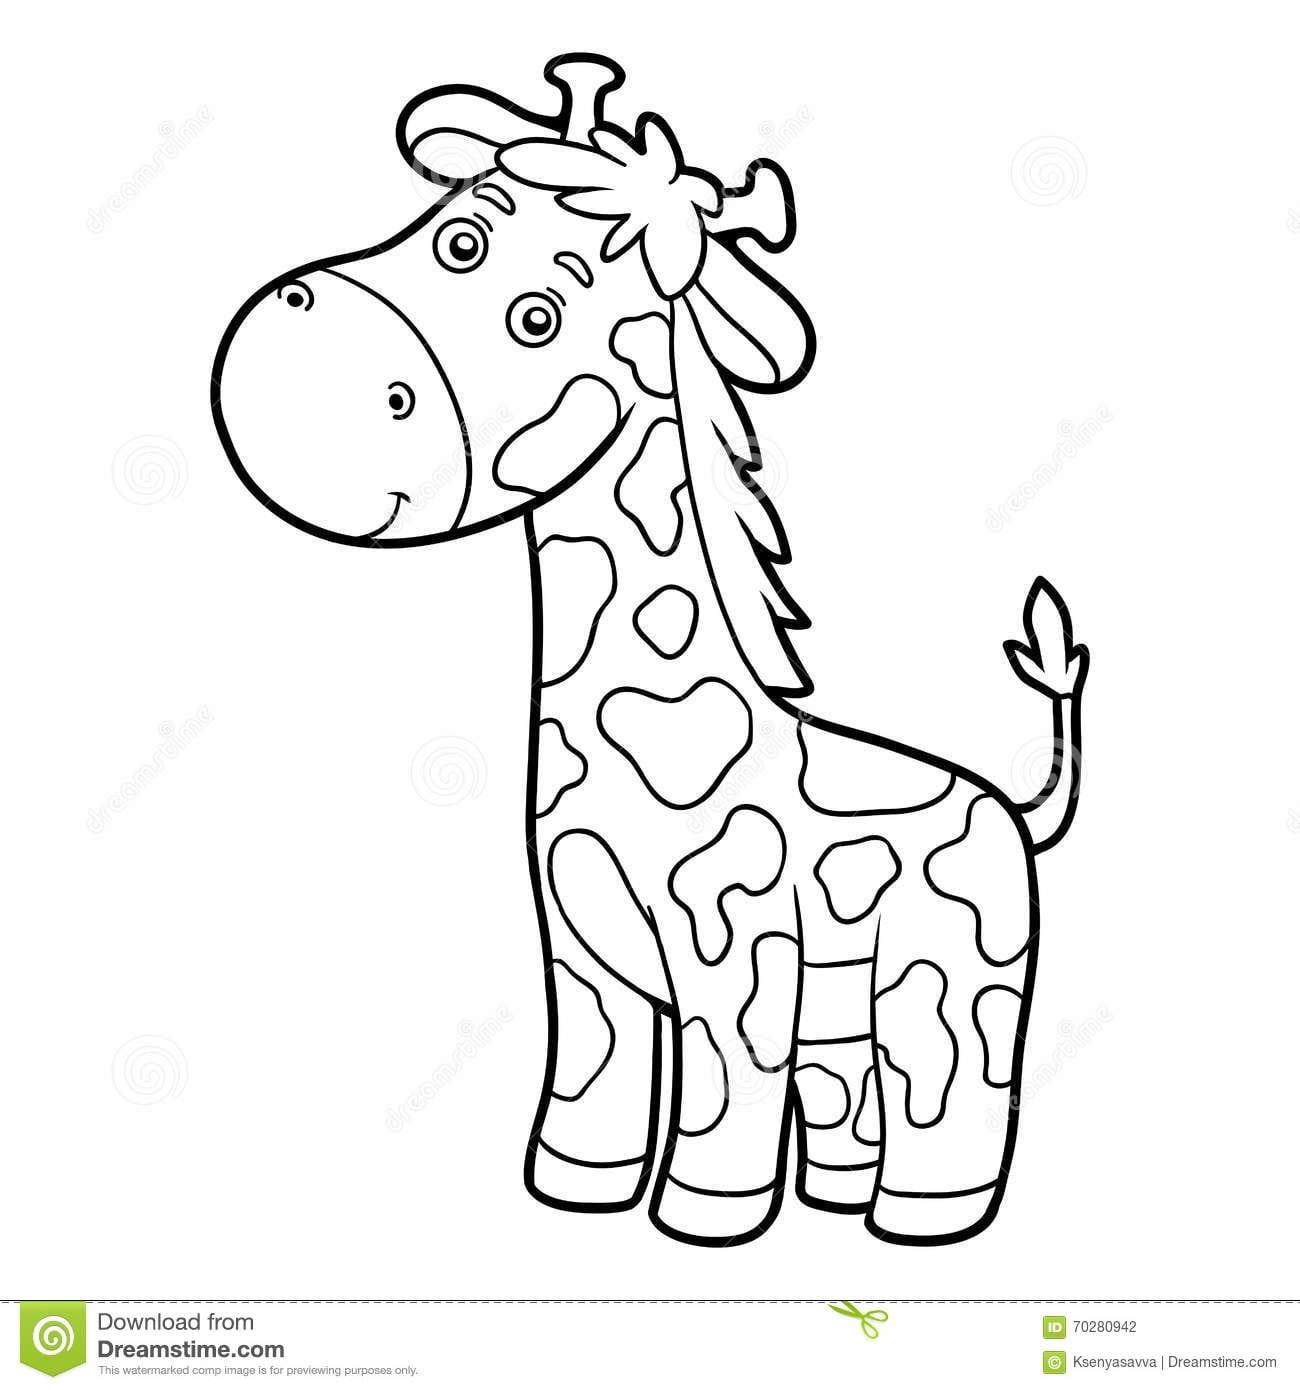 Livro Para Colorir, Página Colorindo (girafa) Ilustração Do Vetor